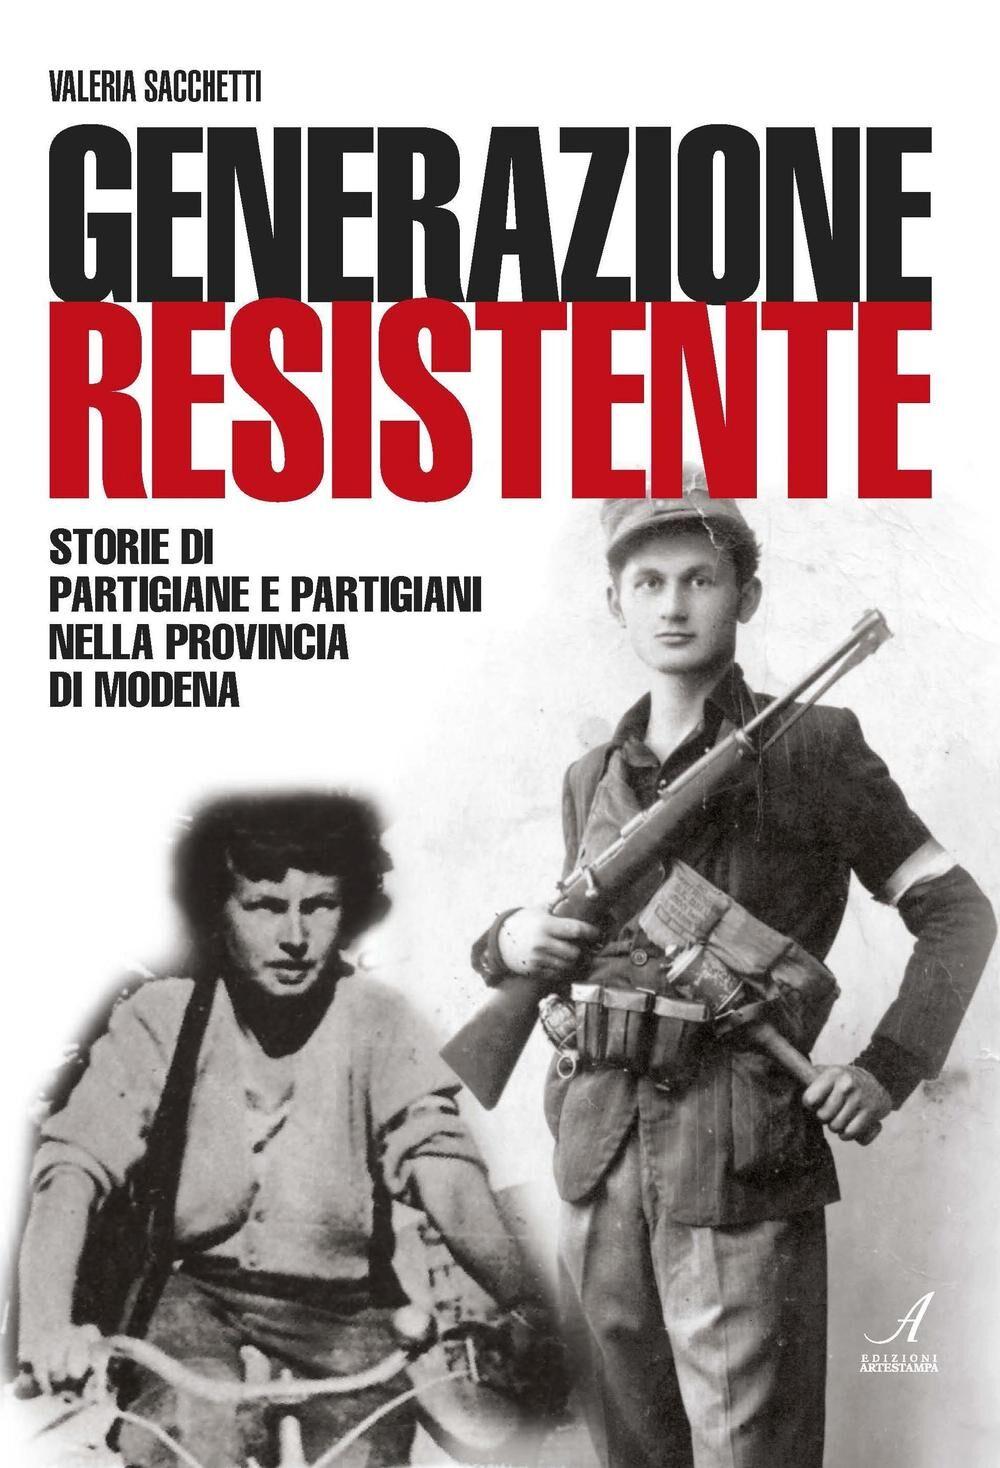 Generazione resistente. Storie di partigiane e partigiani nella provincia di Modena